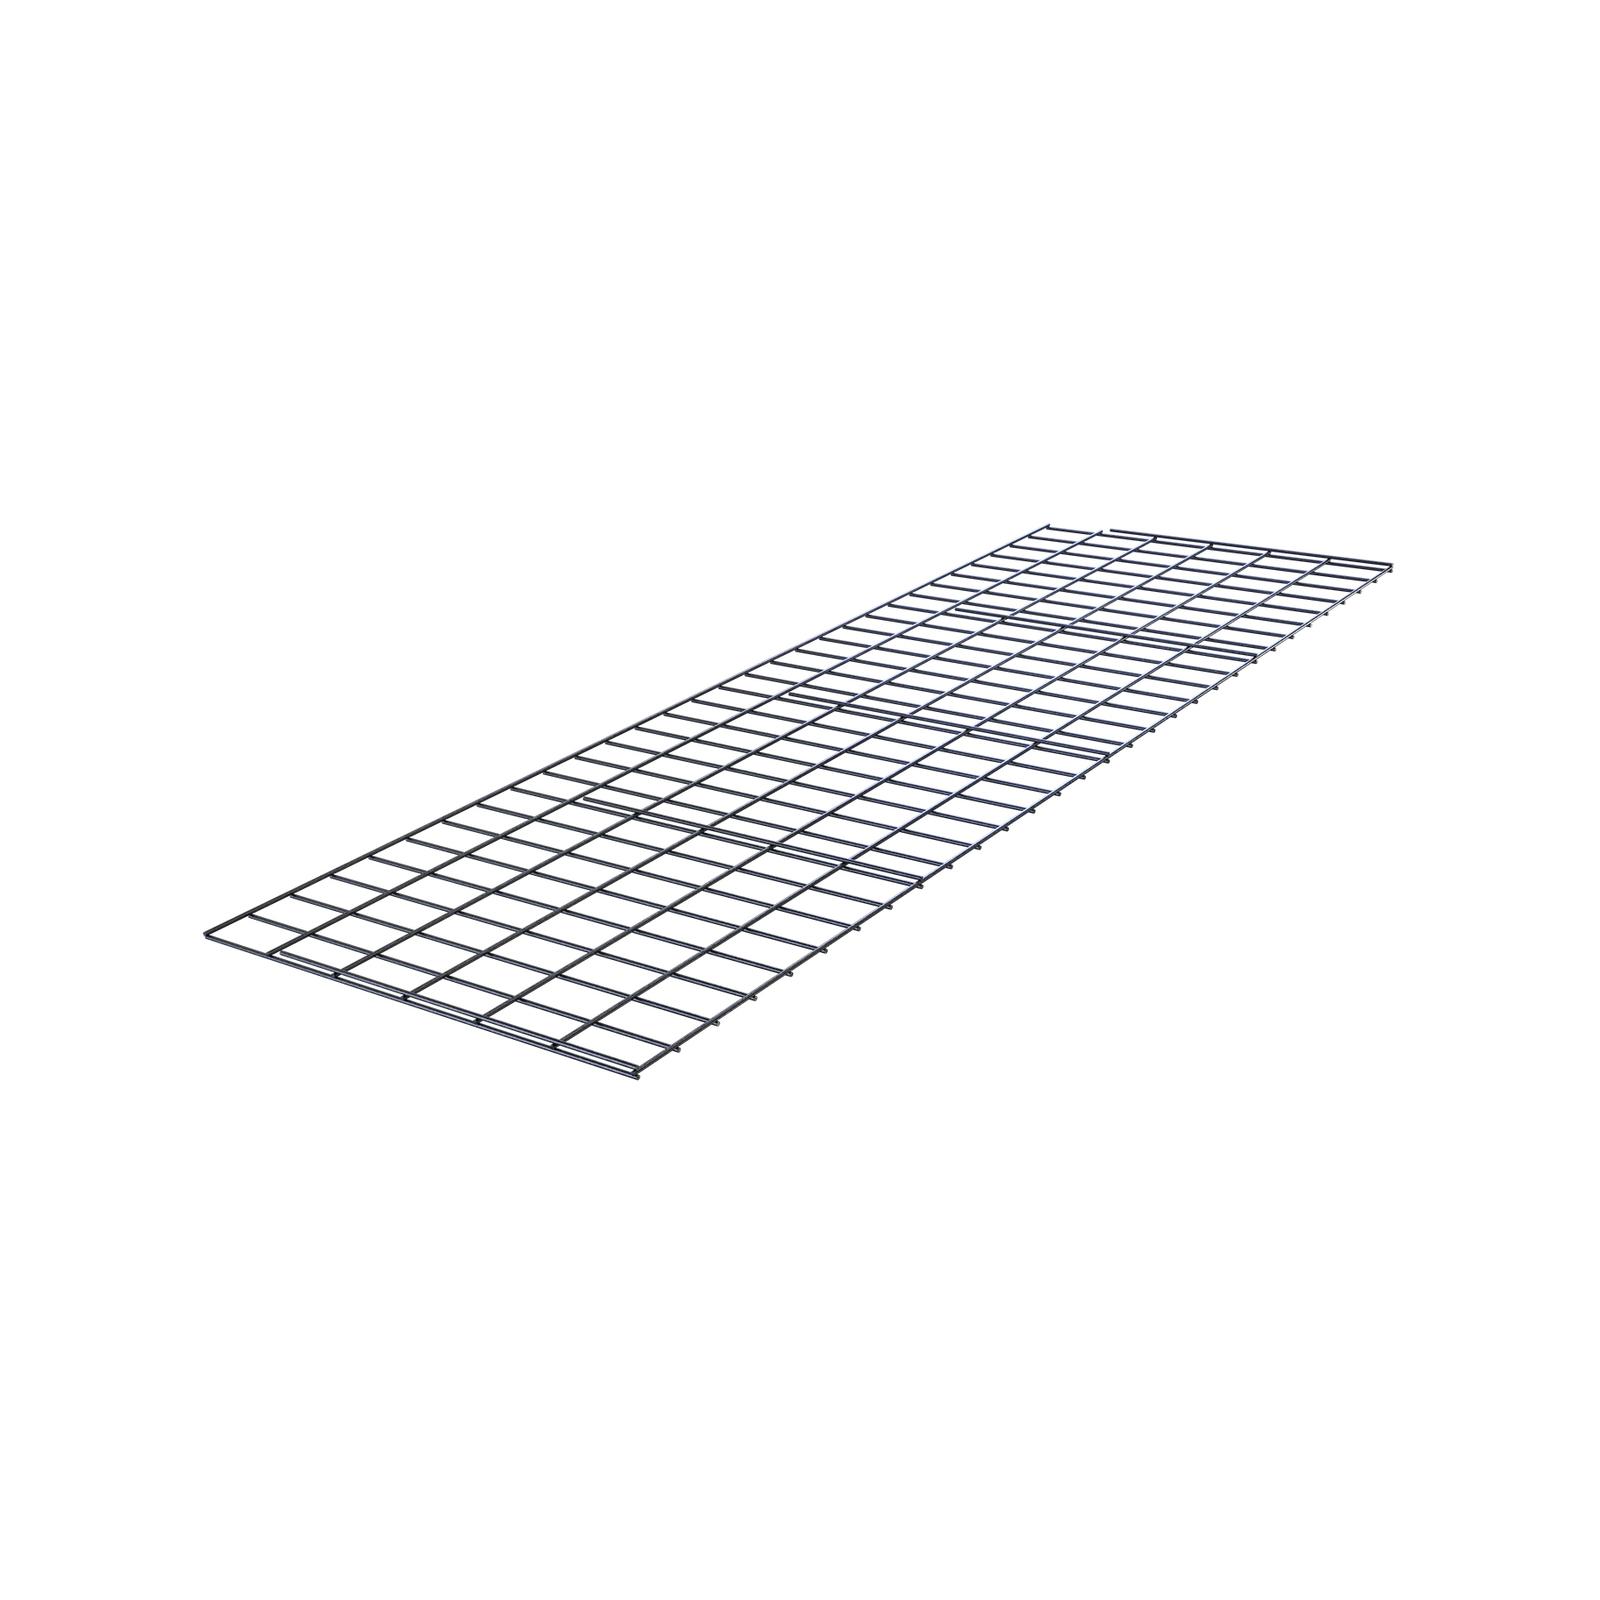 Rack It 1495 x 500mm 400KG Wire Shelf For 530 Rack Depth